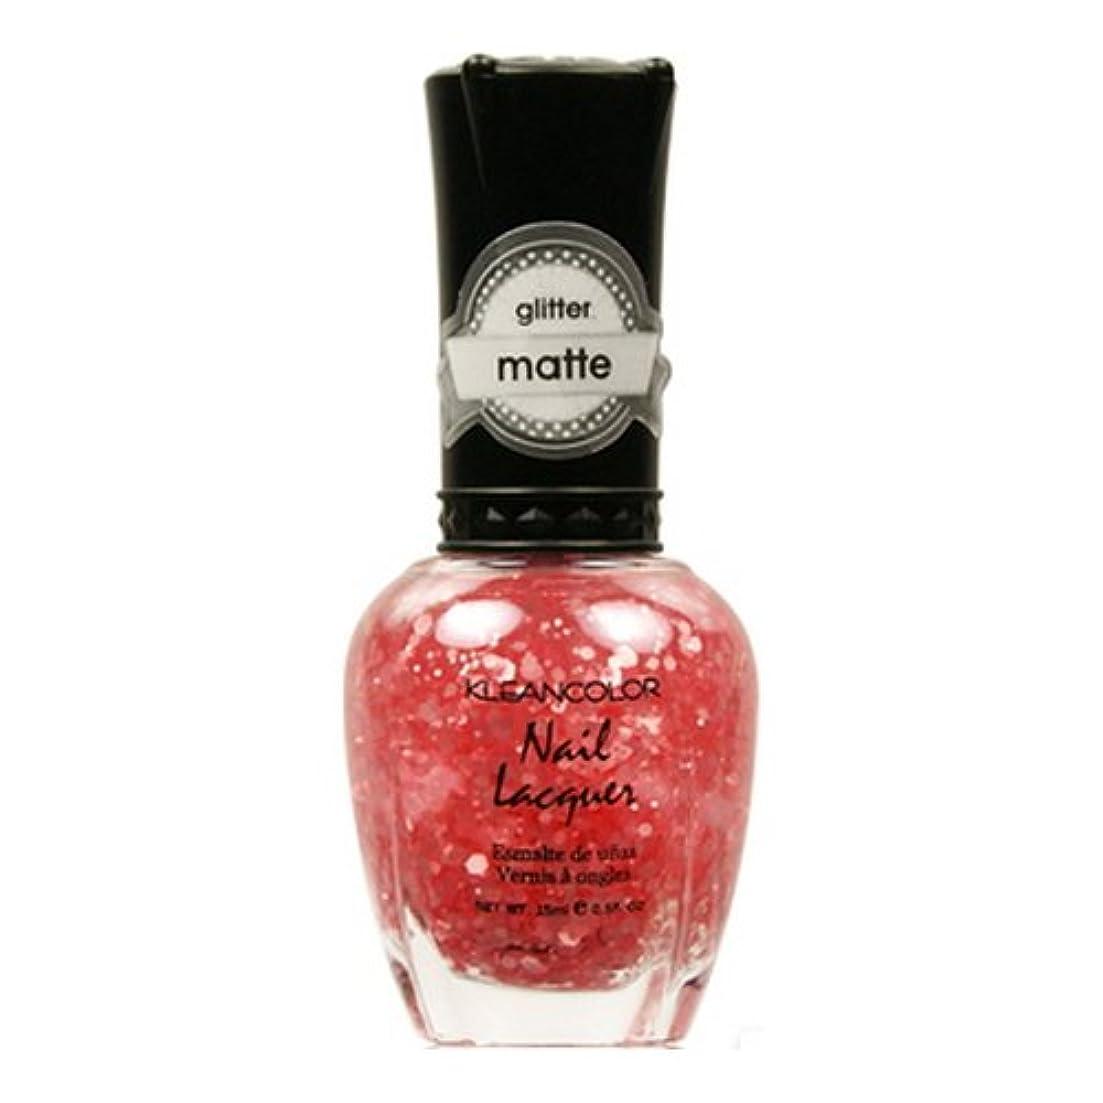 アイロニー力強い返済KLEANCOLOR Glitter Matte Nail Lacquer - Blush Pink (並行輸入品)